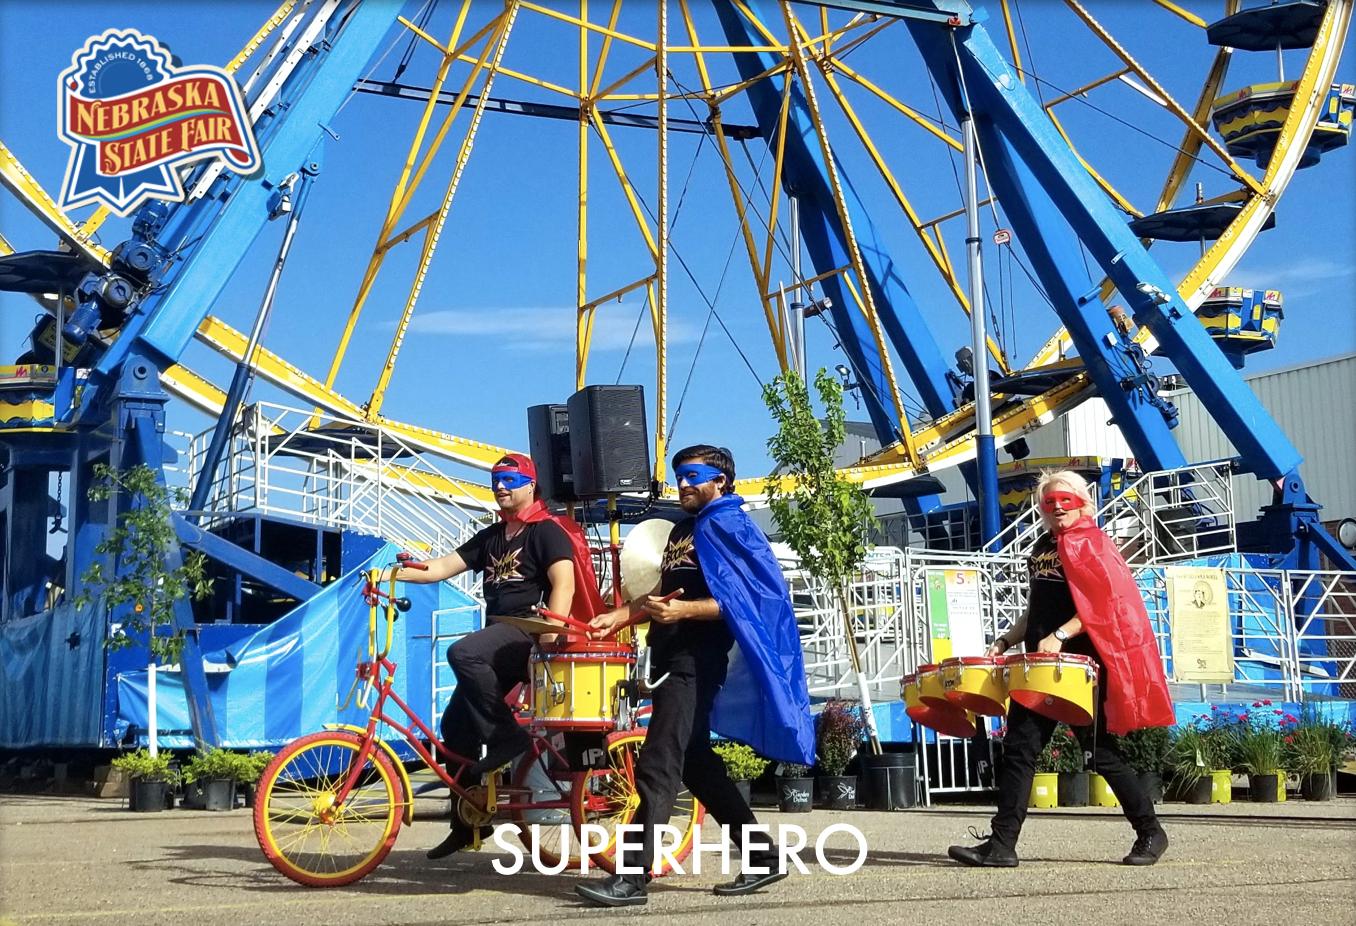 Fair Superhero